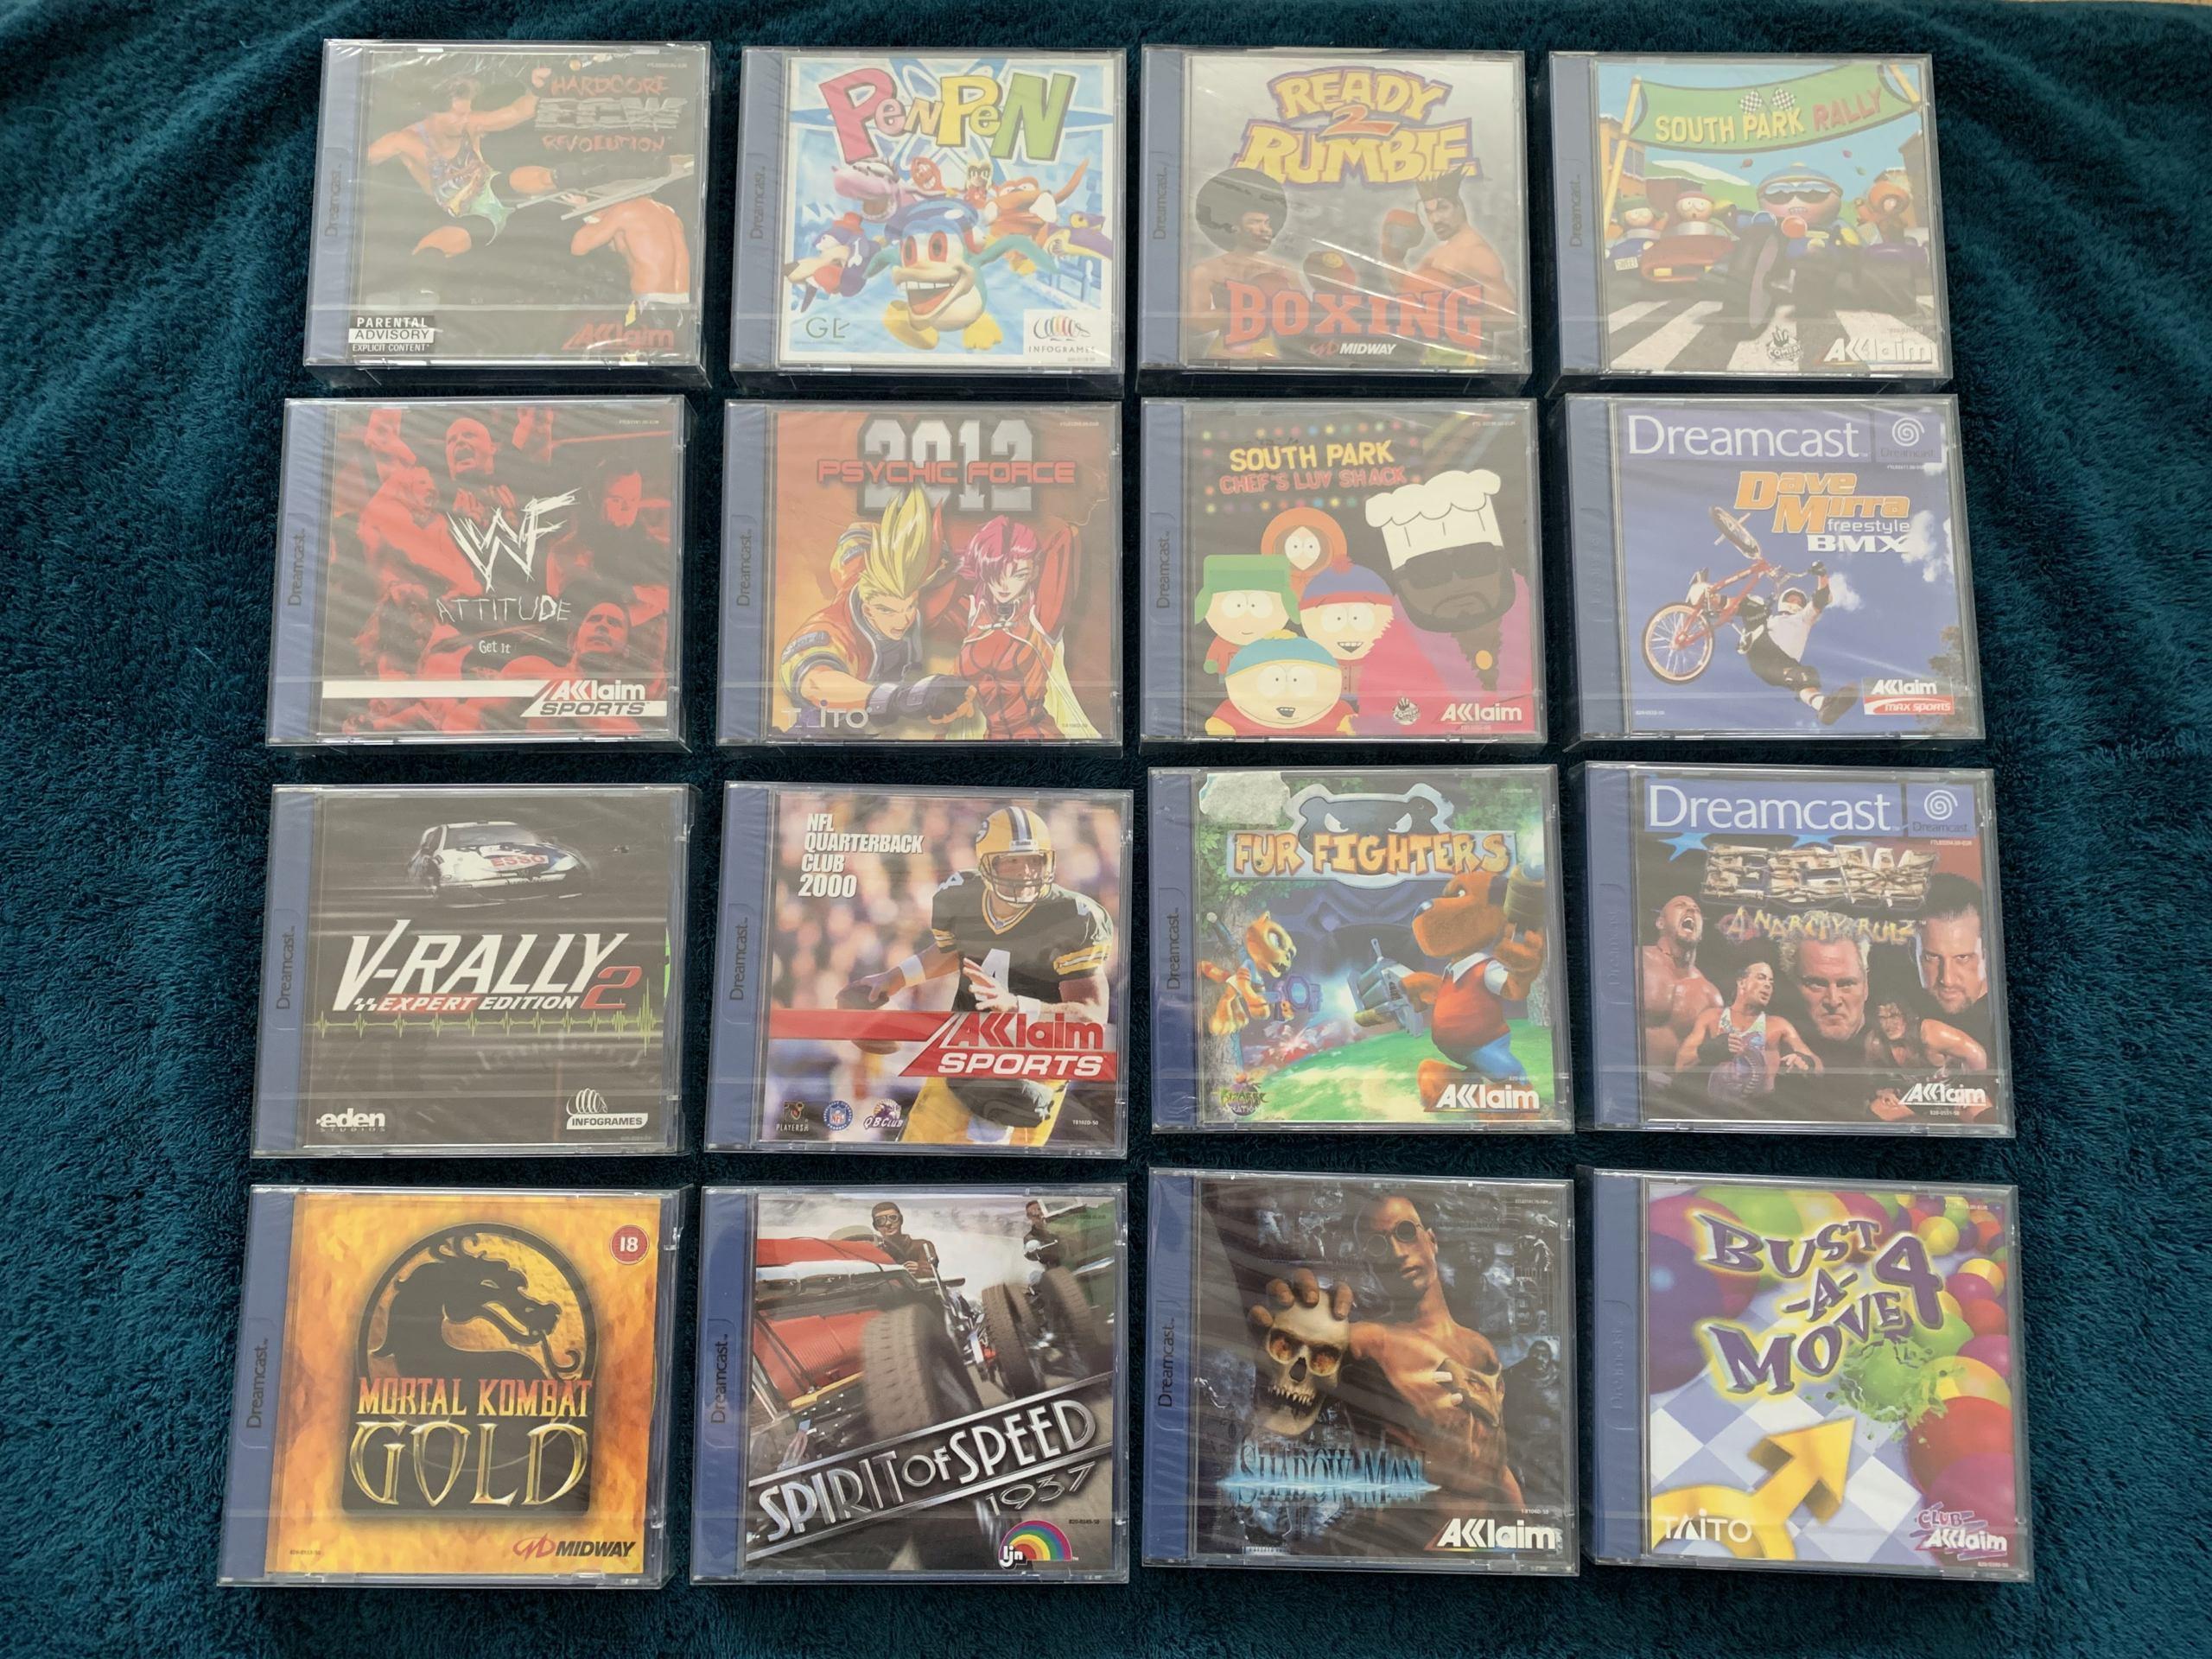 [VENDU] Fullset Jeux Dreamcast, Accessoires, Promo, Rigides... - 350 pièces - NEUF SOUS BLISTER 011_fu10